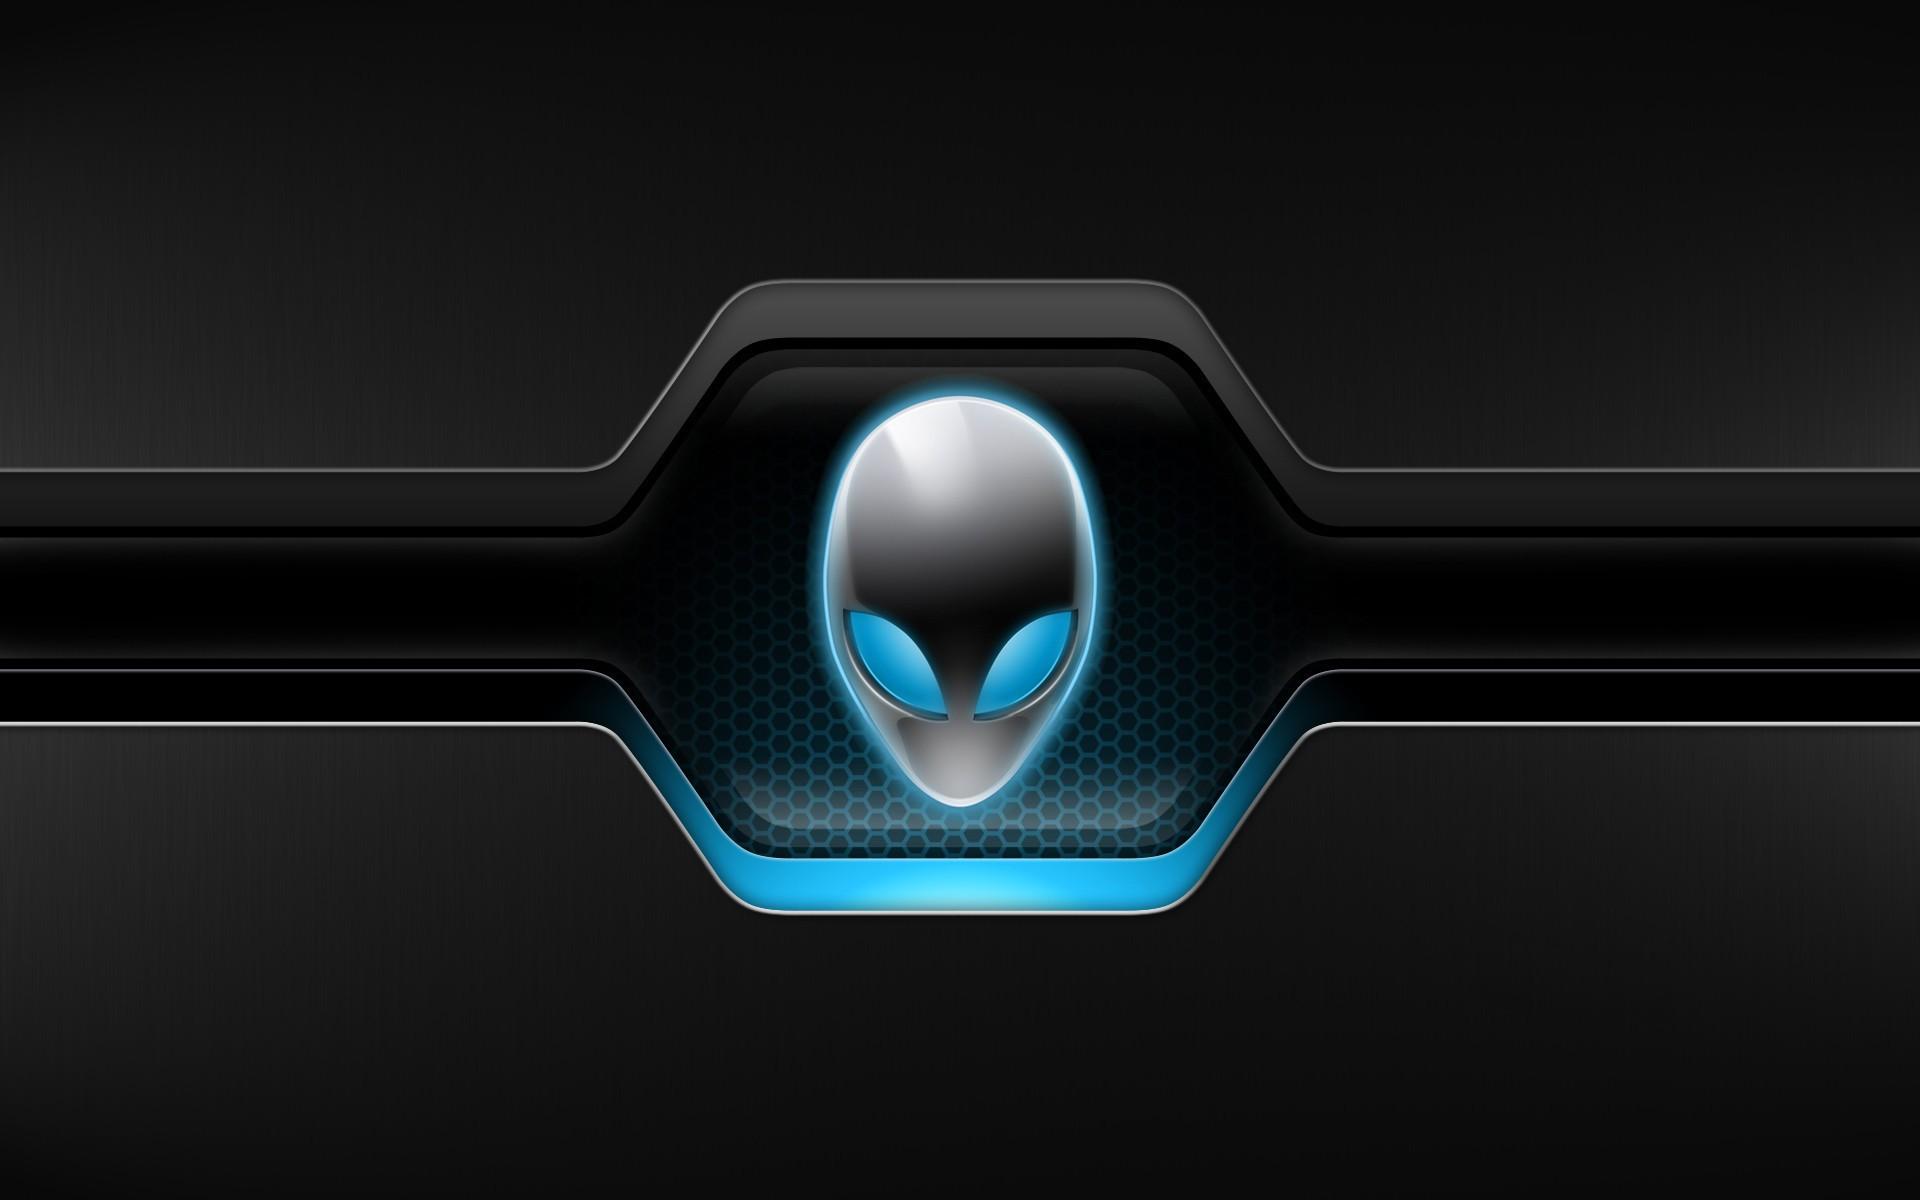 デスクトップ壁紙 図 デジタルアート 車両 ロゴ エイリアンウェア ホイール シンボル マルチメディア スクリーンショット コンピュータの壁紙 自動車デザイン 自動車外装 フォント 19x10 Cryzeen デスクトップ壁紙 Wallhere